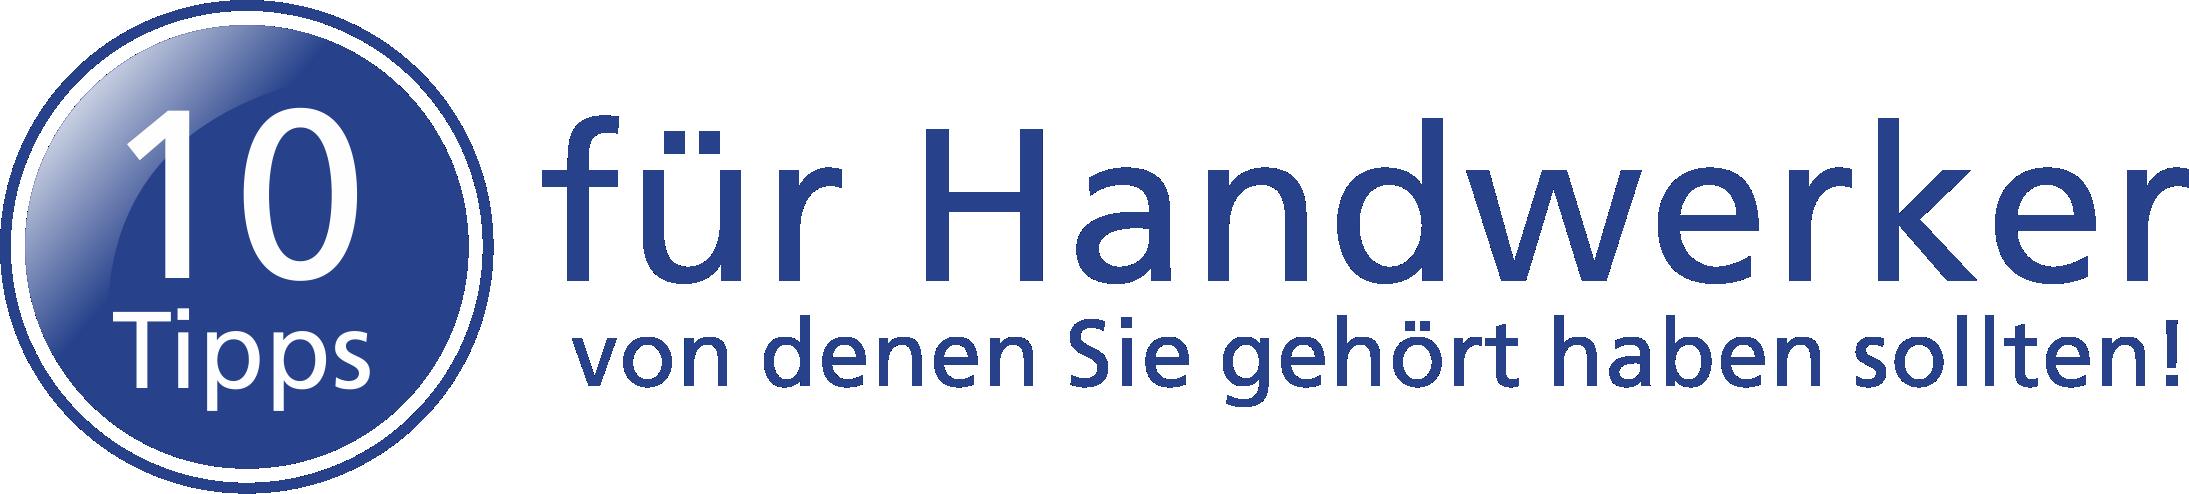 VSZ-handwerk_left.png